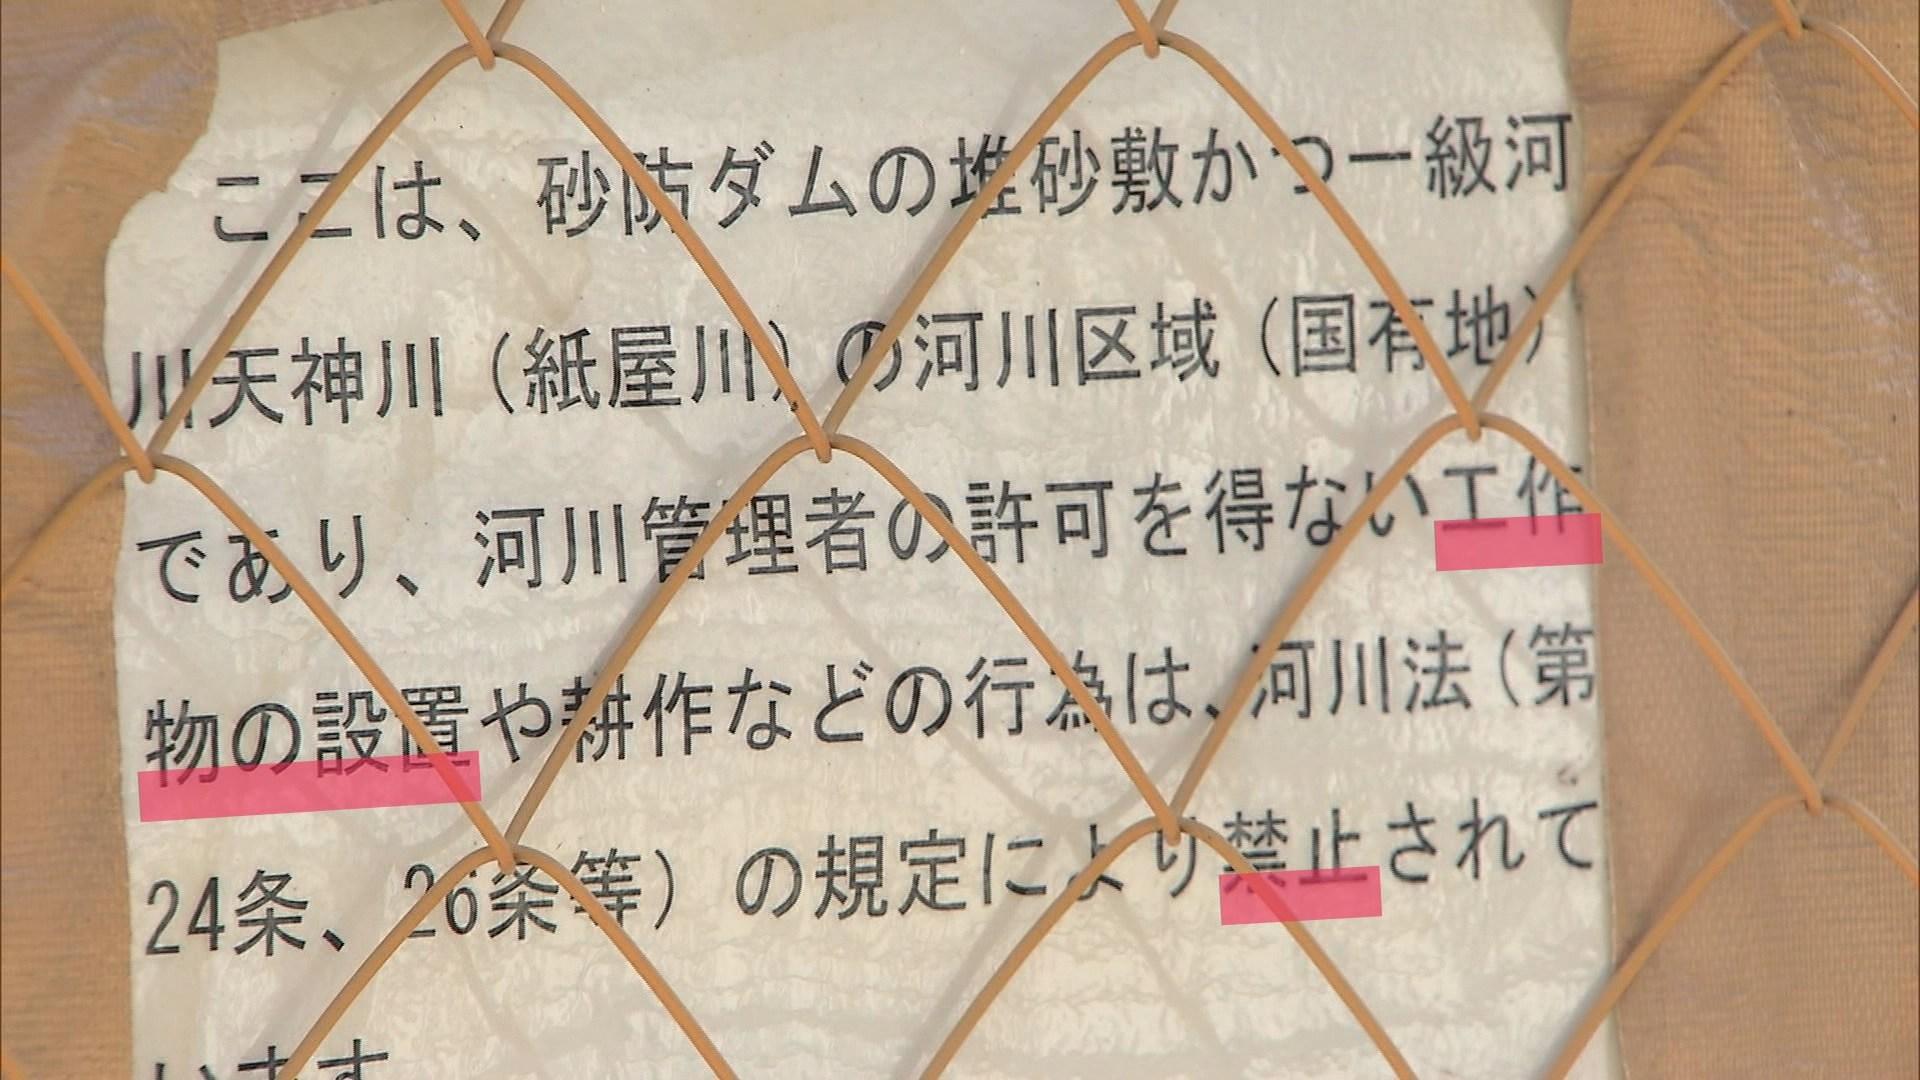 【京都市北区の集落】国有地を不法占拠!危険な砂防ダムの住人たち!の画像3-3